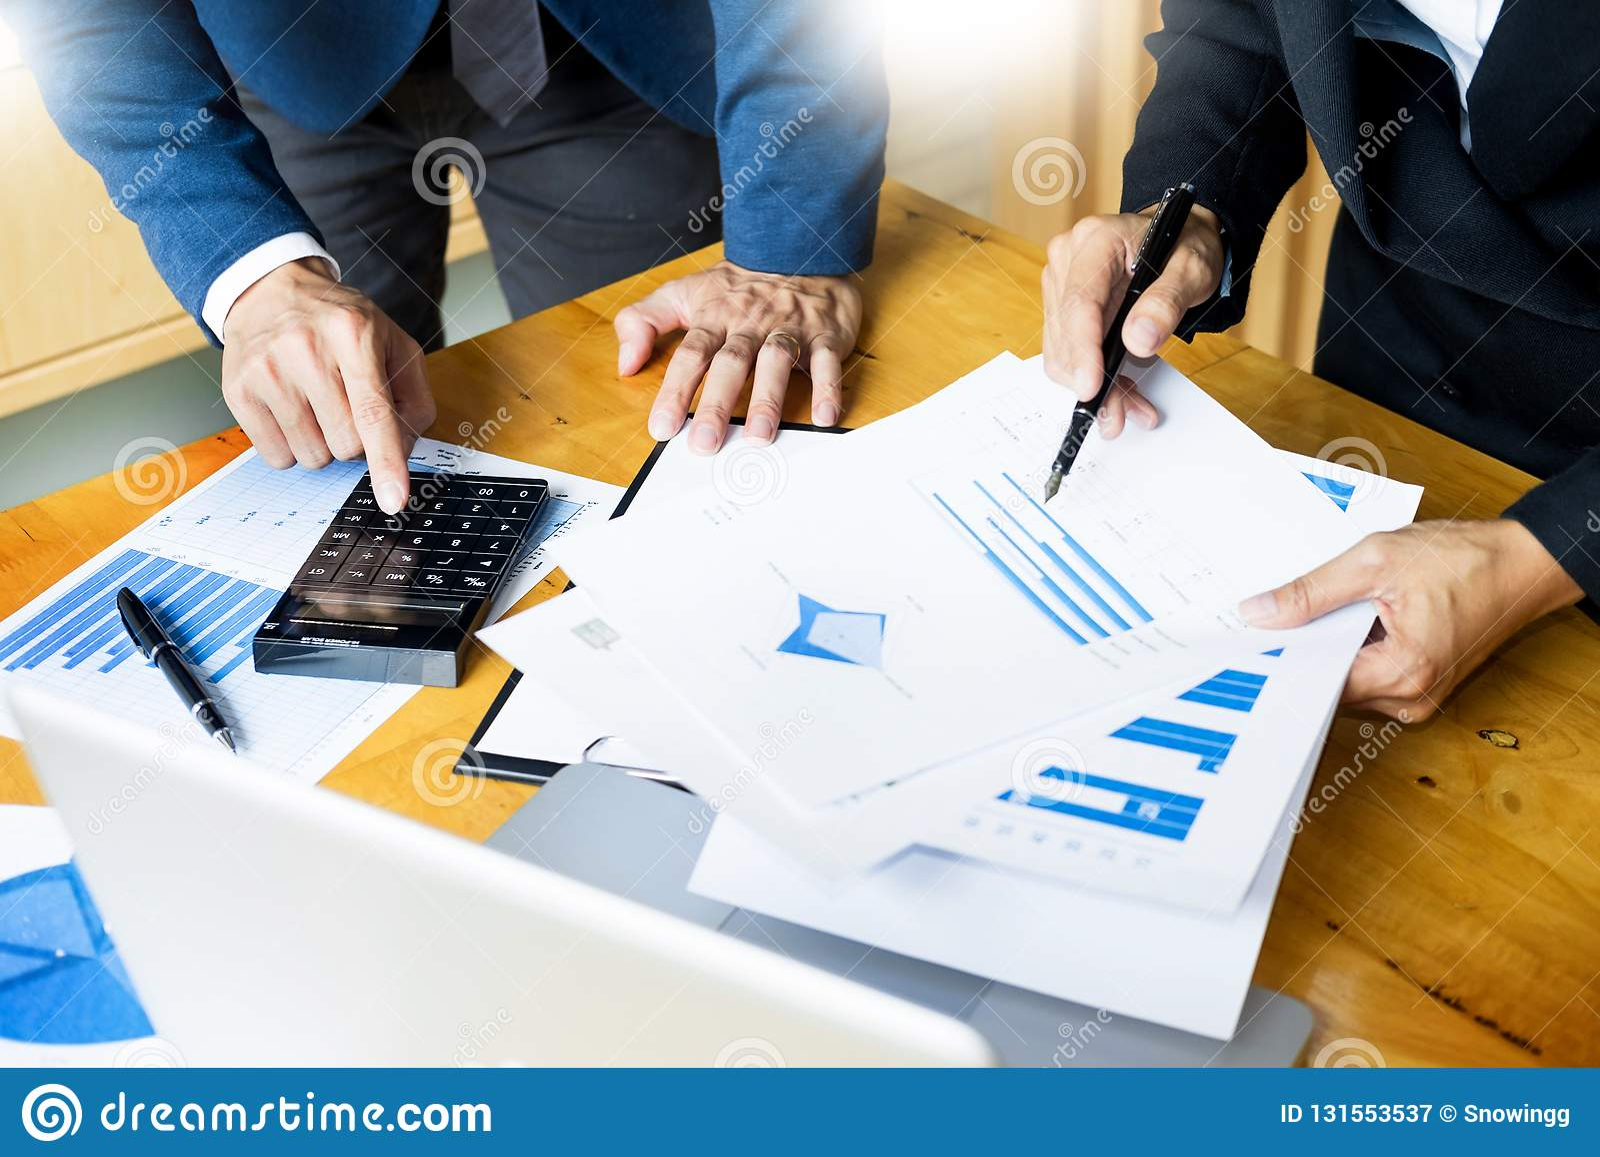 队工作过程 年轻业务经理乘员组与起始的项目一起使用 膝上型计算机在办公室分析利润图表计划